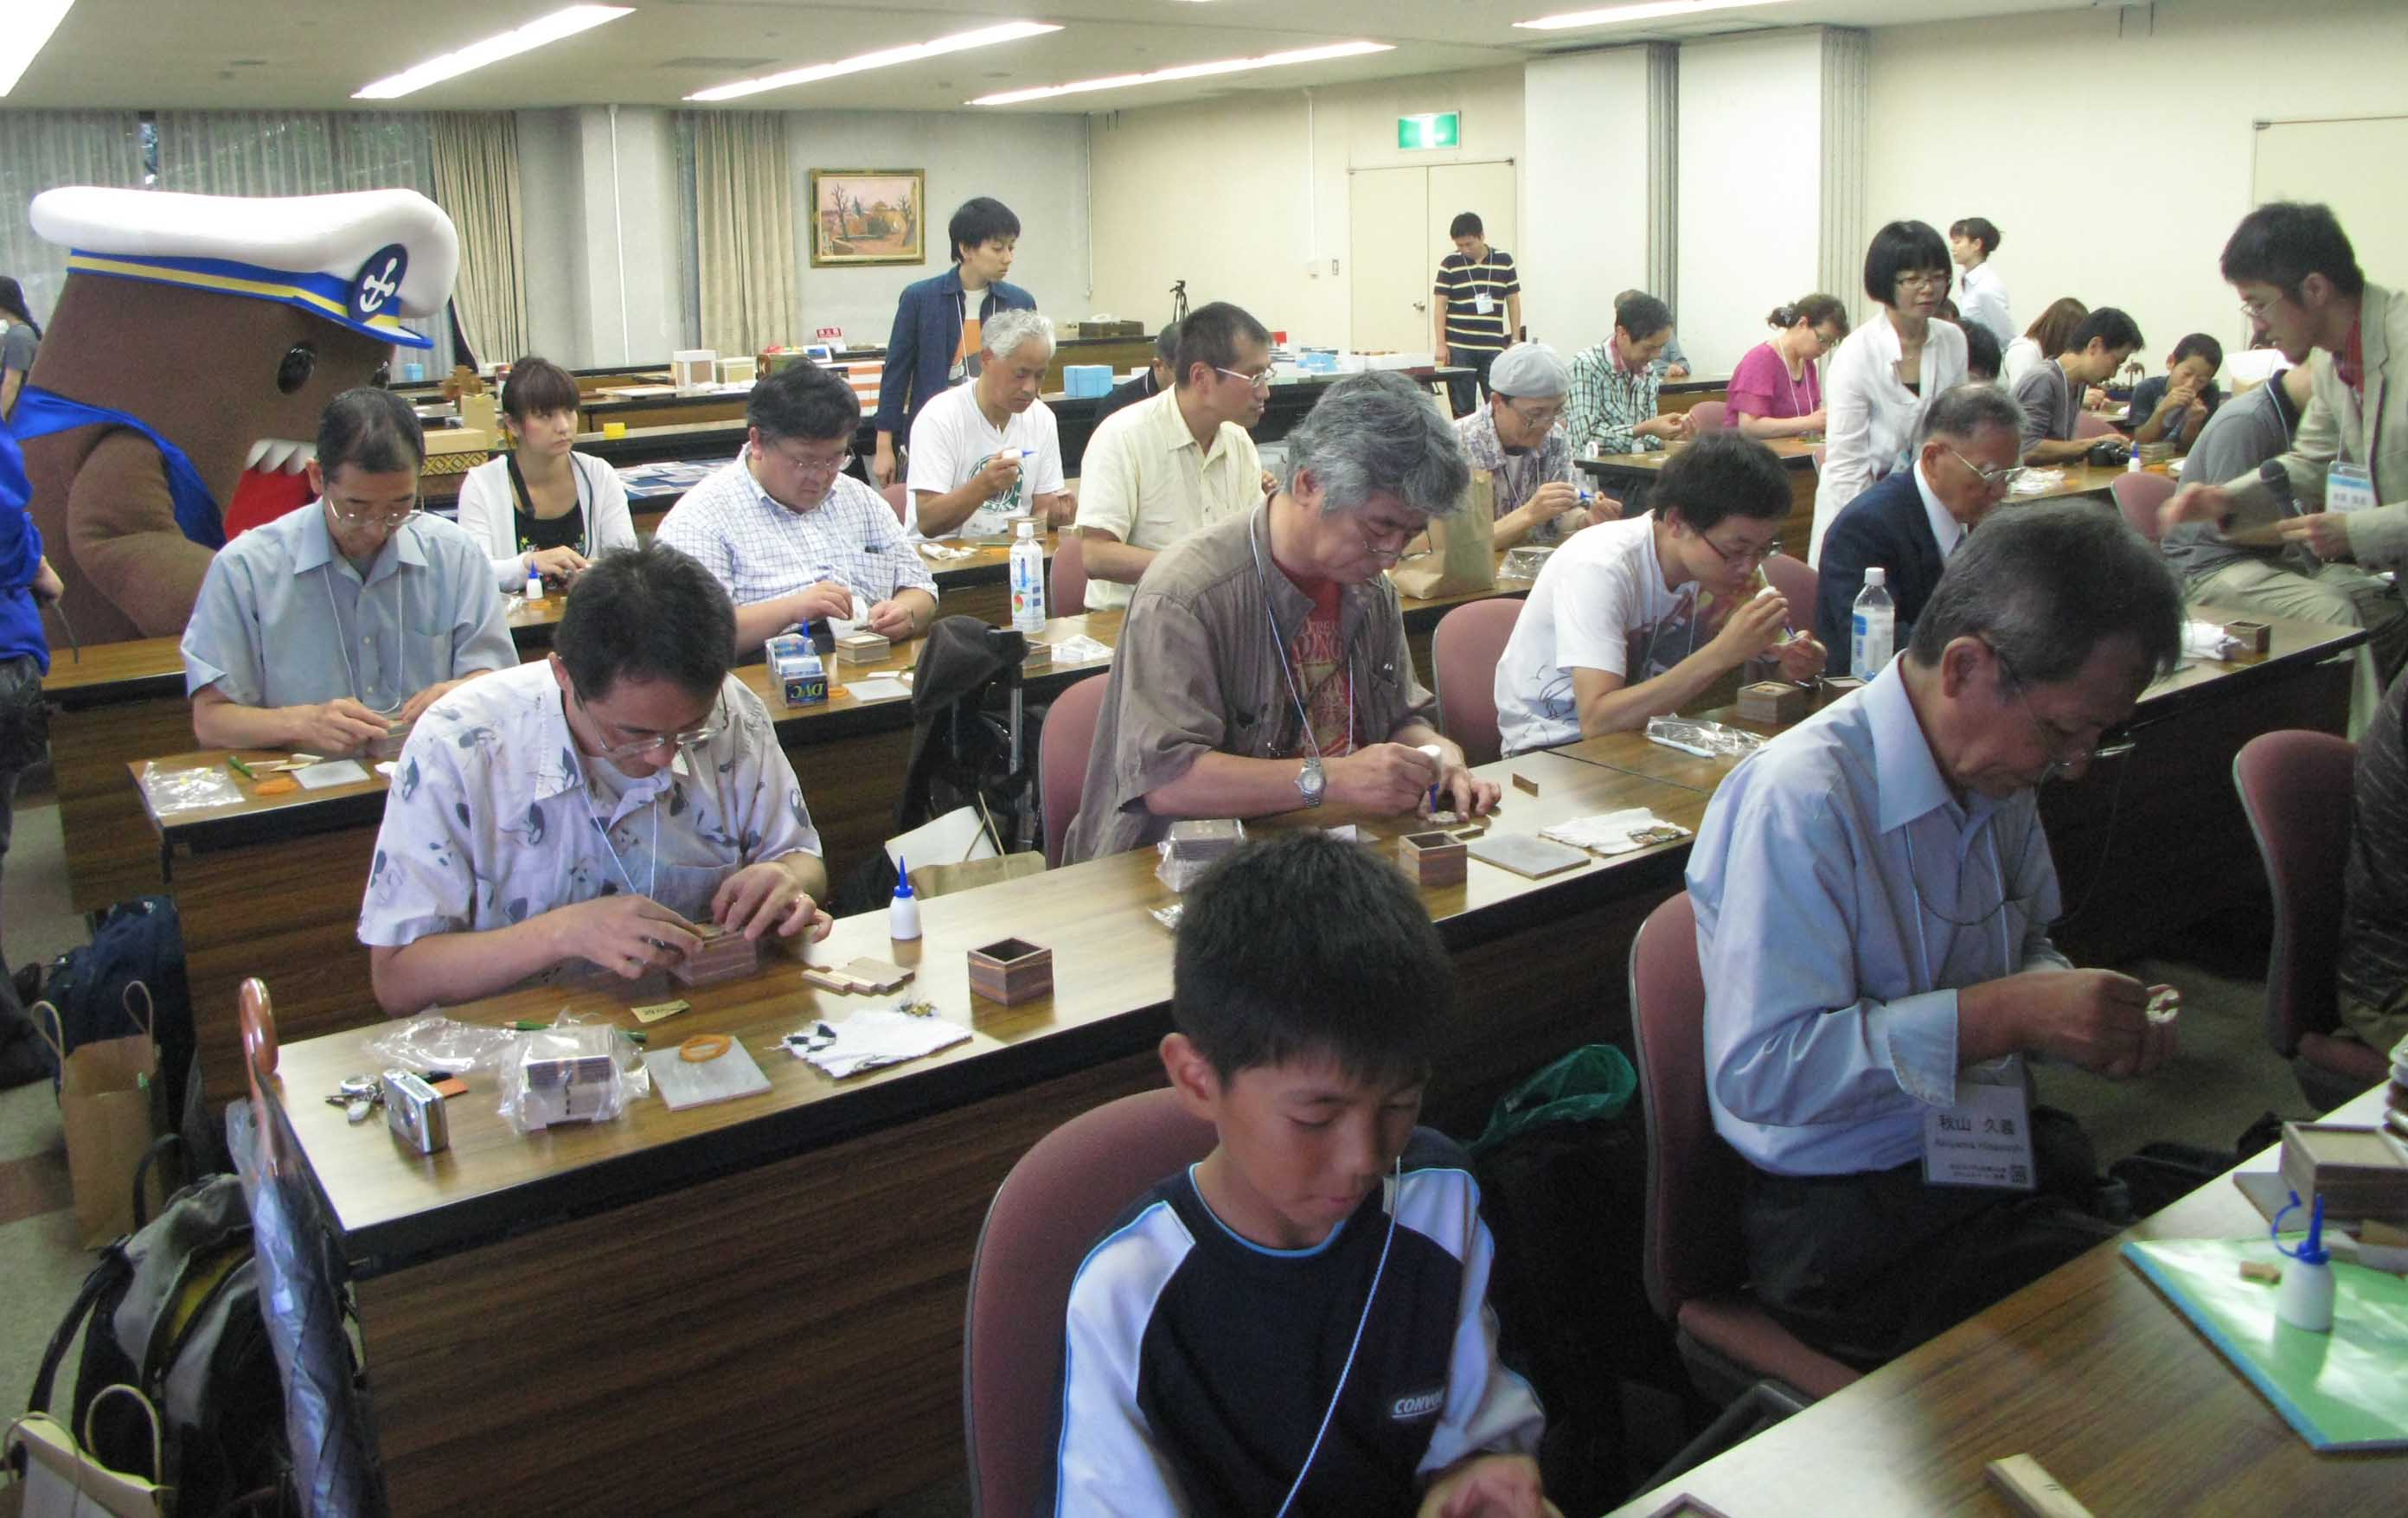 楽しむ会 -開会式・工作教室-_a0220500_18172143.jpg